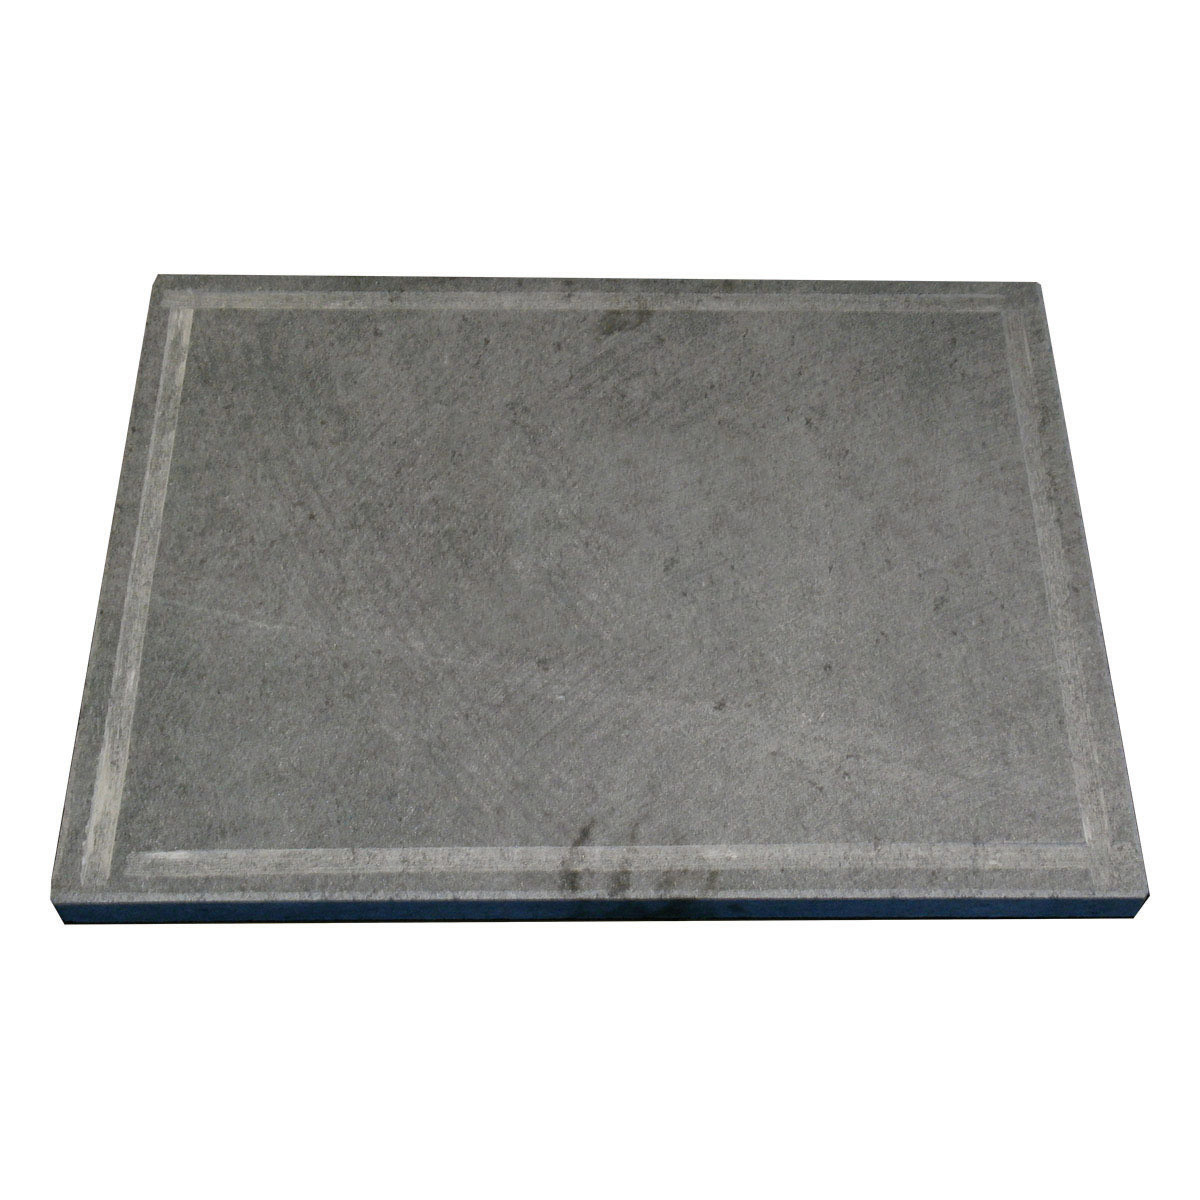 Brandani pietra ollare base legno nuovo prezzo e offerte for Pietra refrattaria leroy merlin